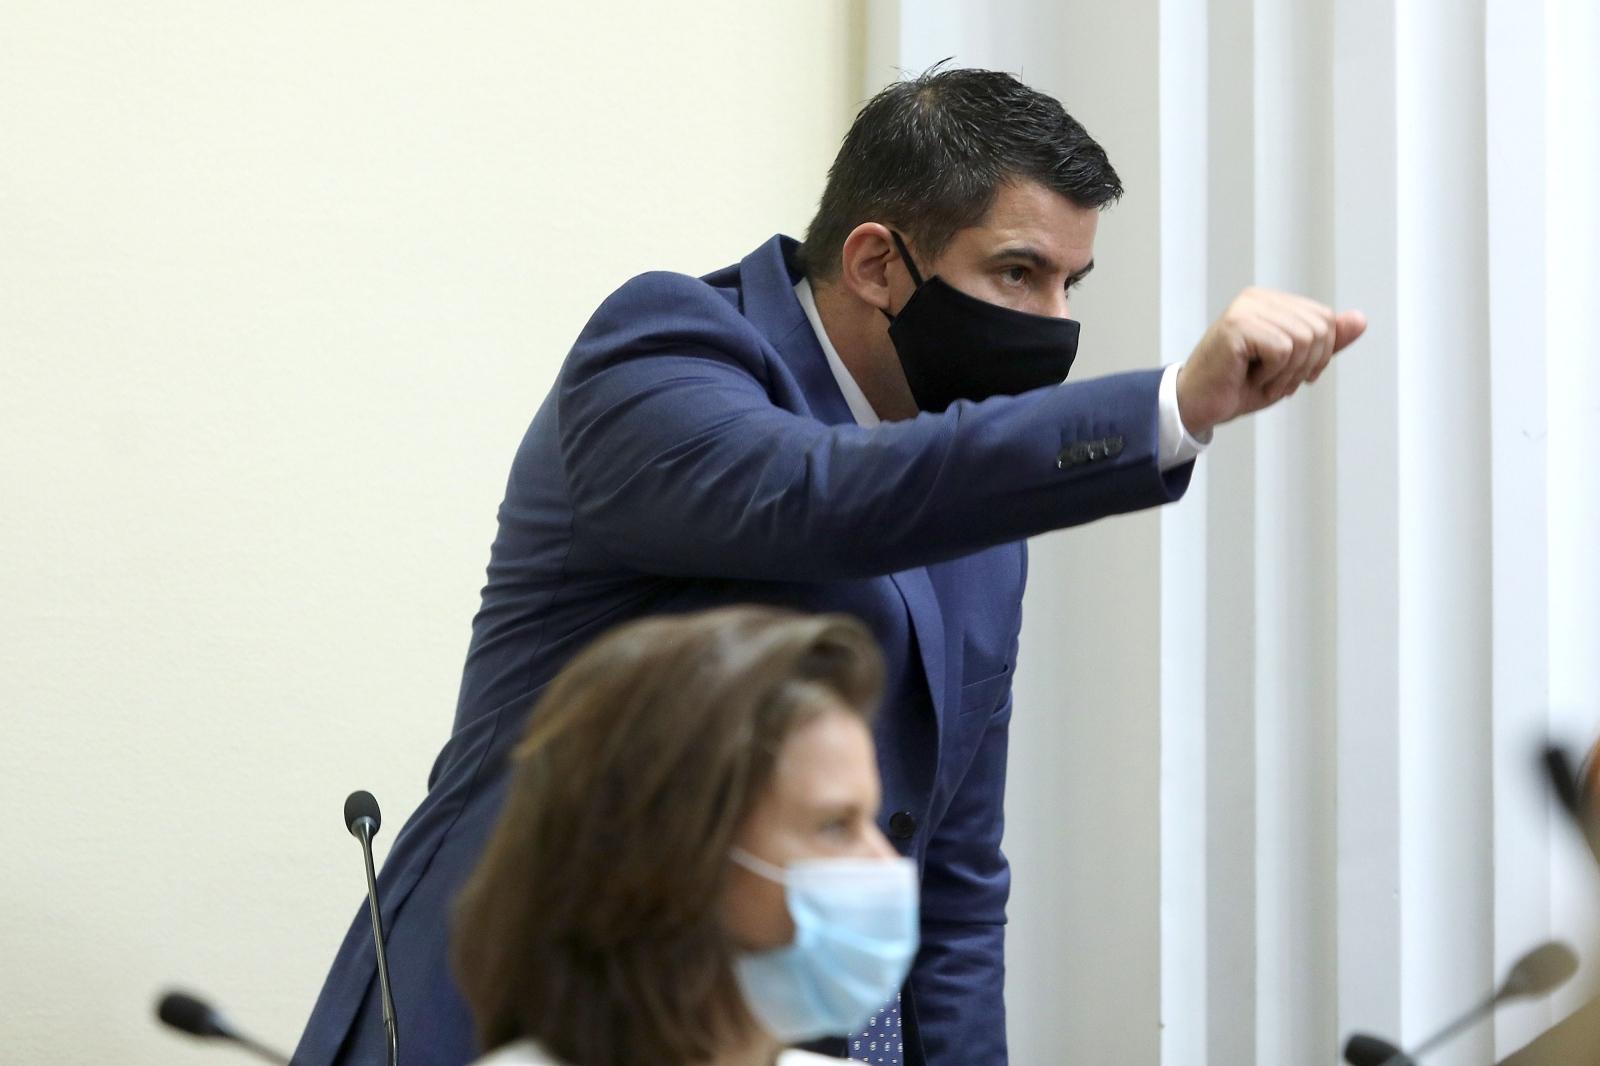 TEŠKE RIJEČI IZMEĐU PLENKOVIĆA I GRMOJE, INTERVENIRAO I JANDROKOVIĆ Mostovac: 'Želimo vertikalu da vaši razbojnici ne pljačkaju'